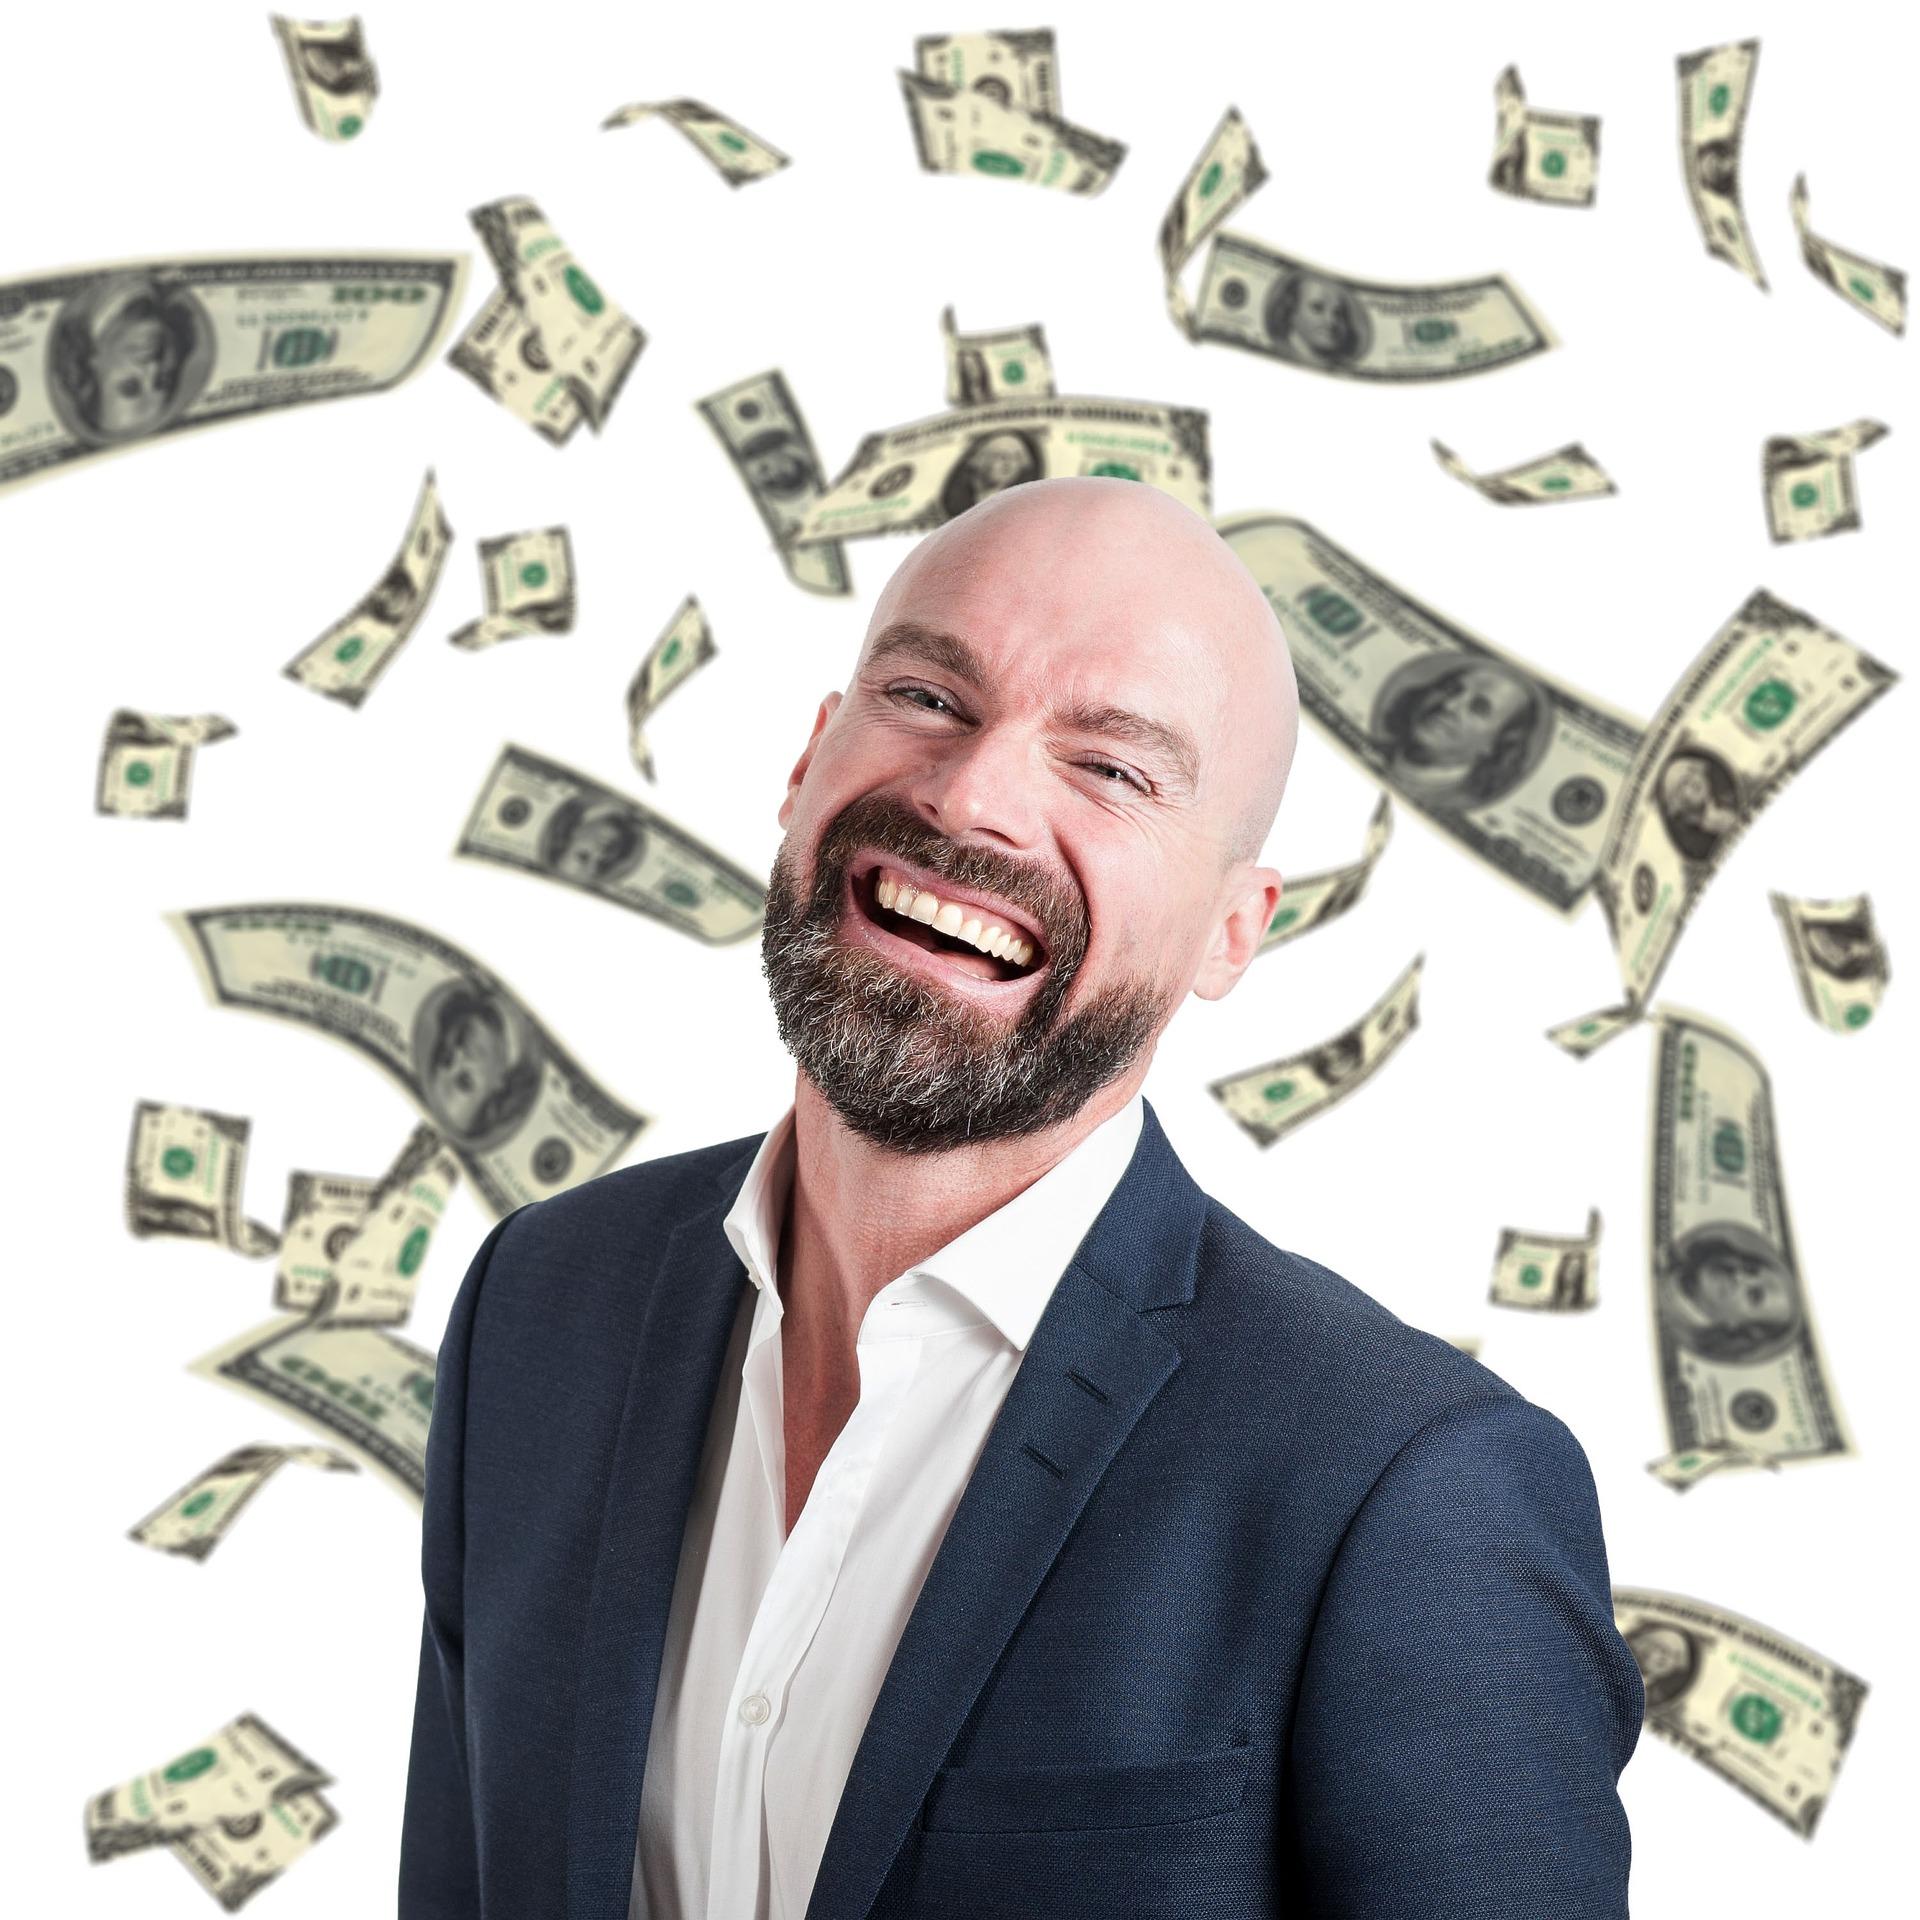 【寄稿】「億万長者1000人に共通する、お金持ちになるための8つの法則」(HBO様)